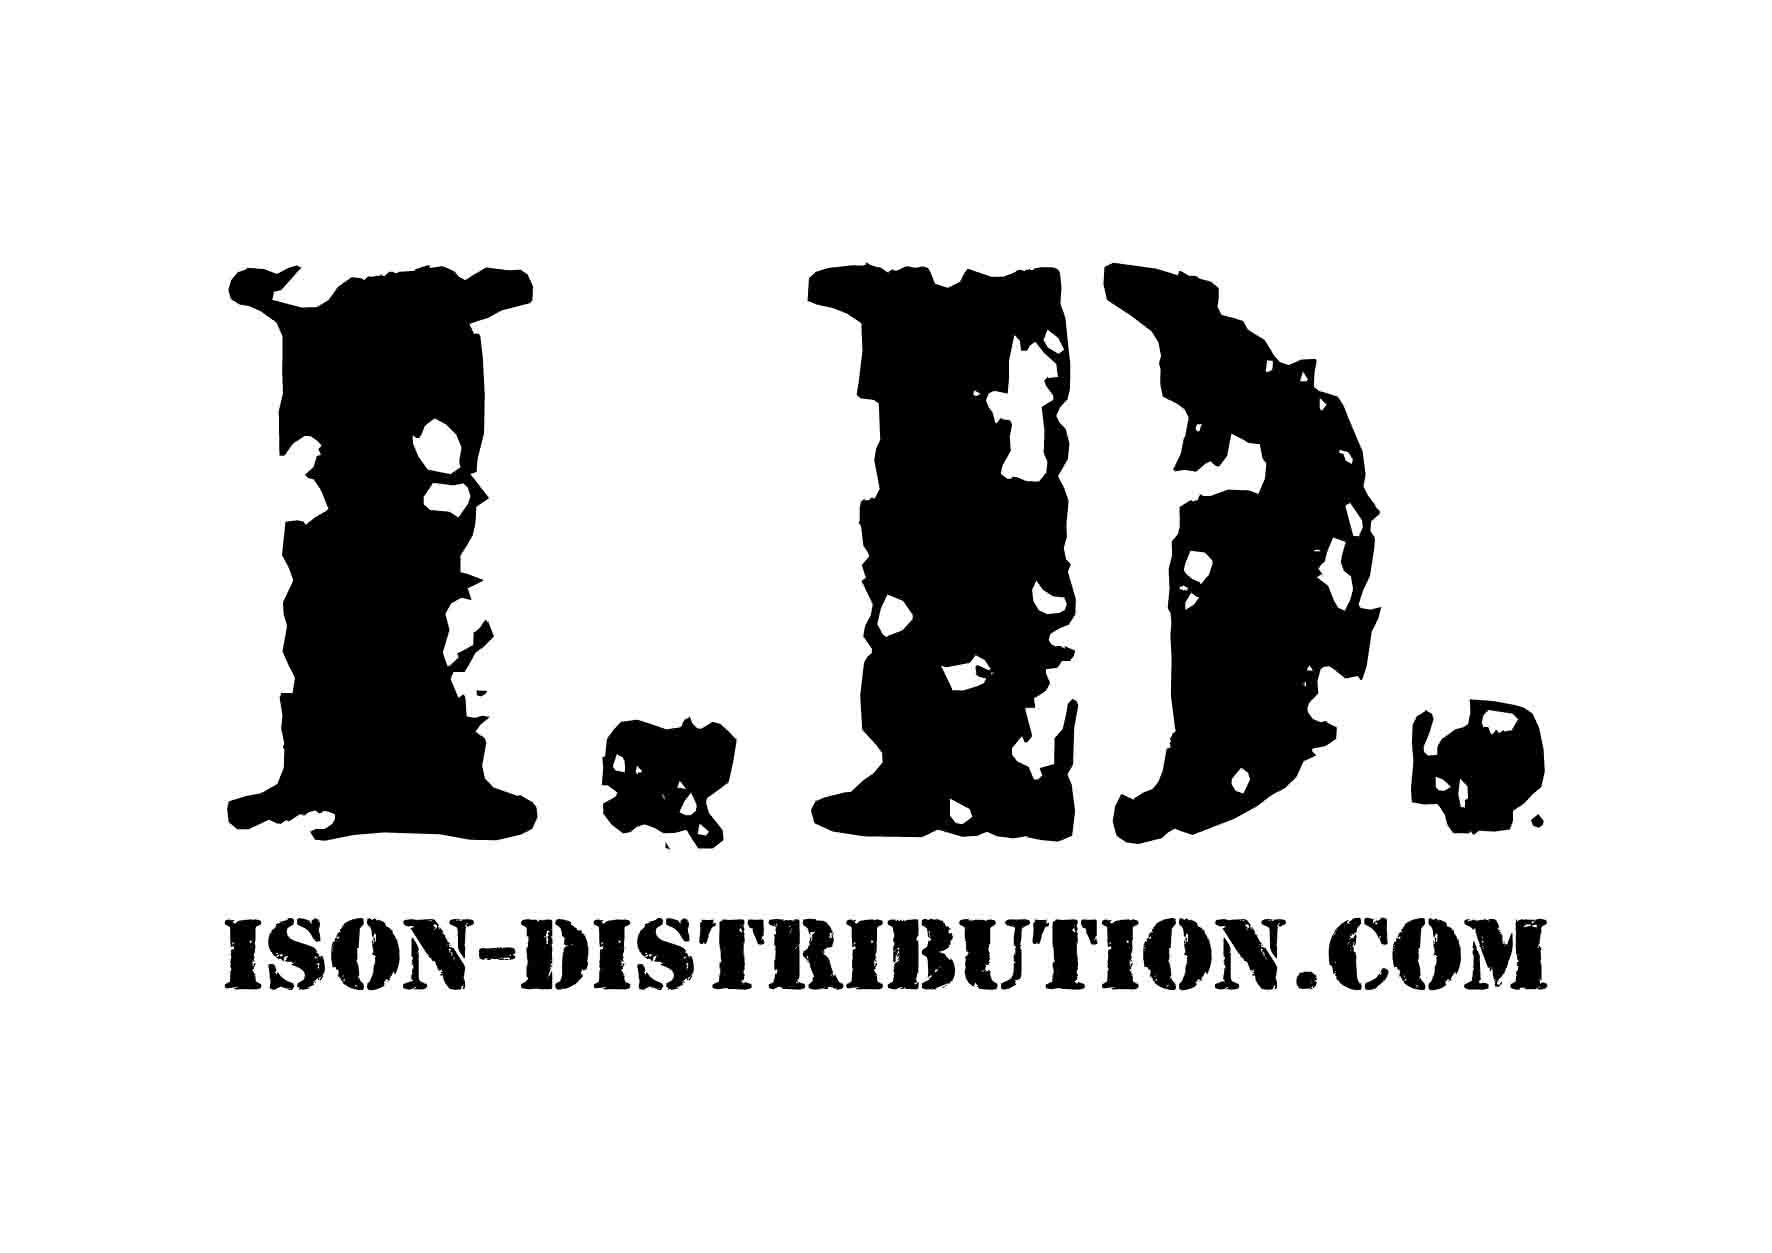 id-com-2015-1151202-bw